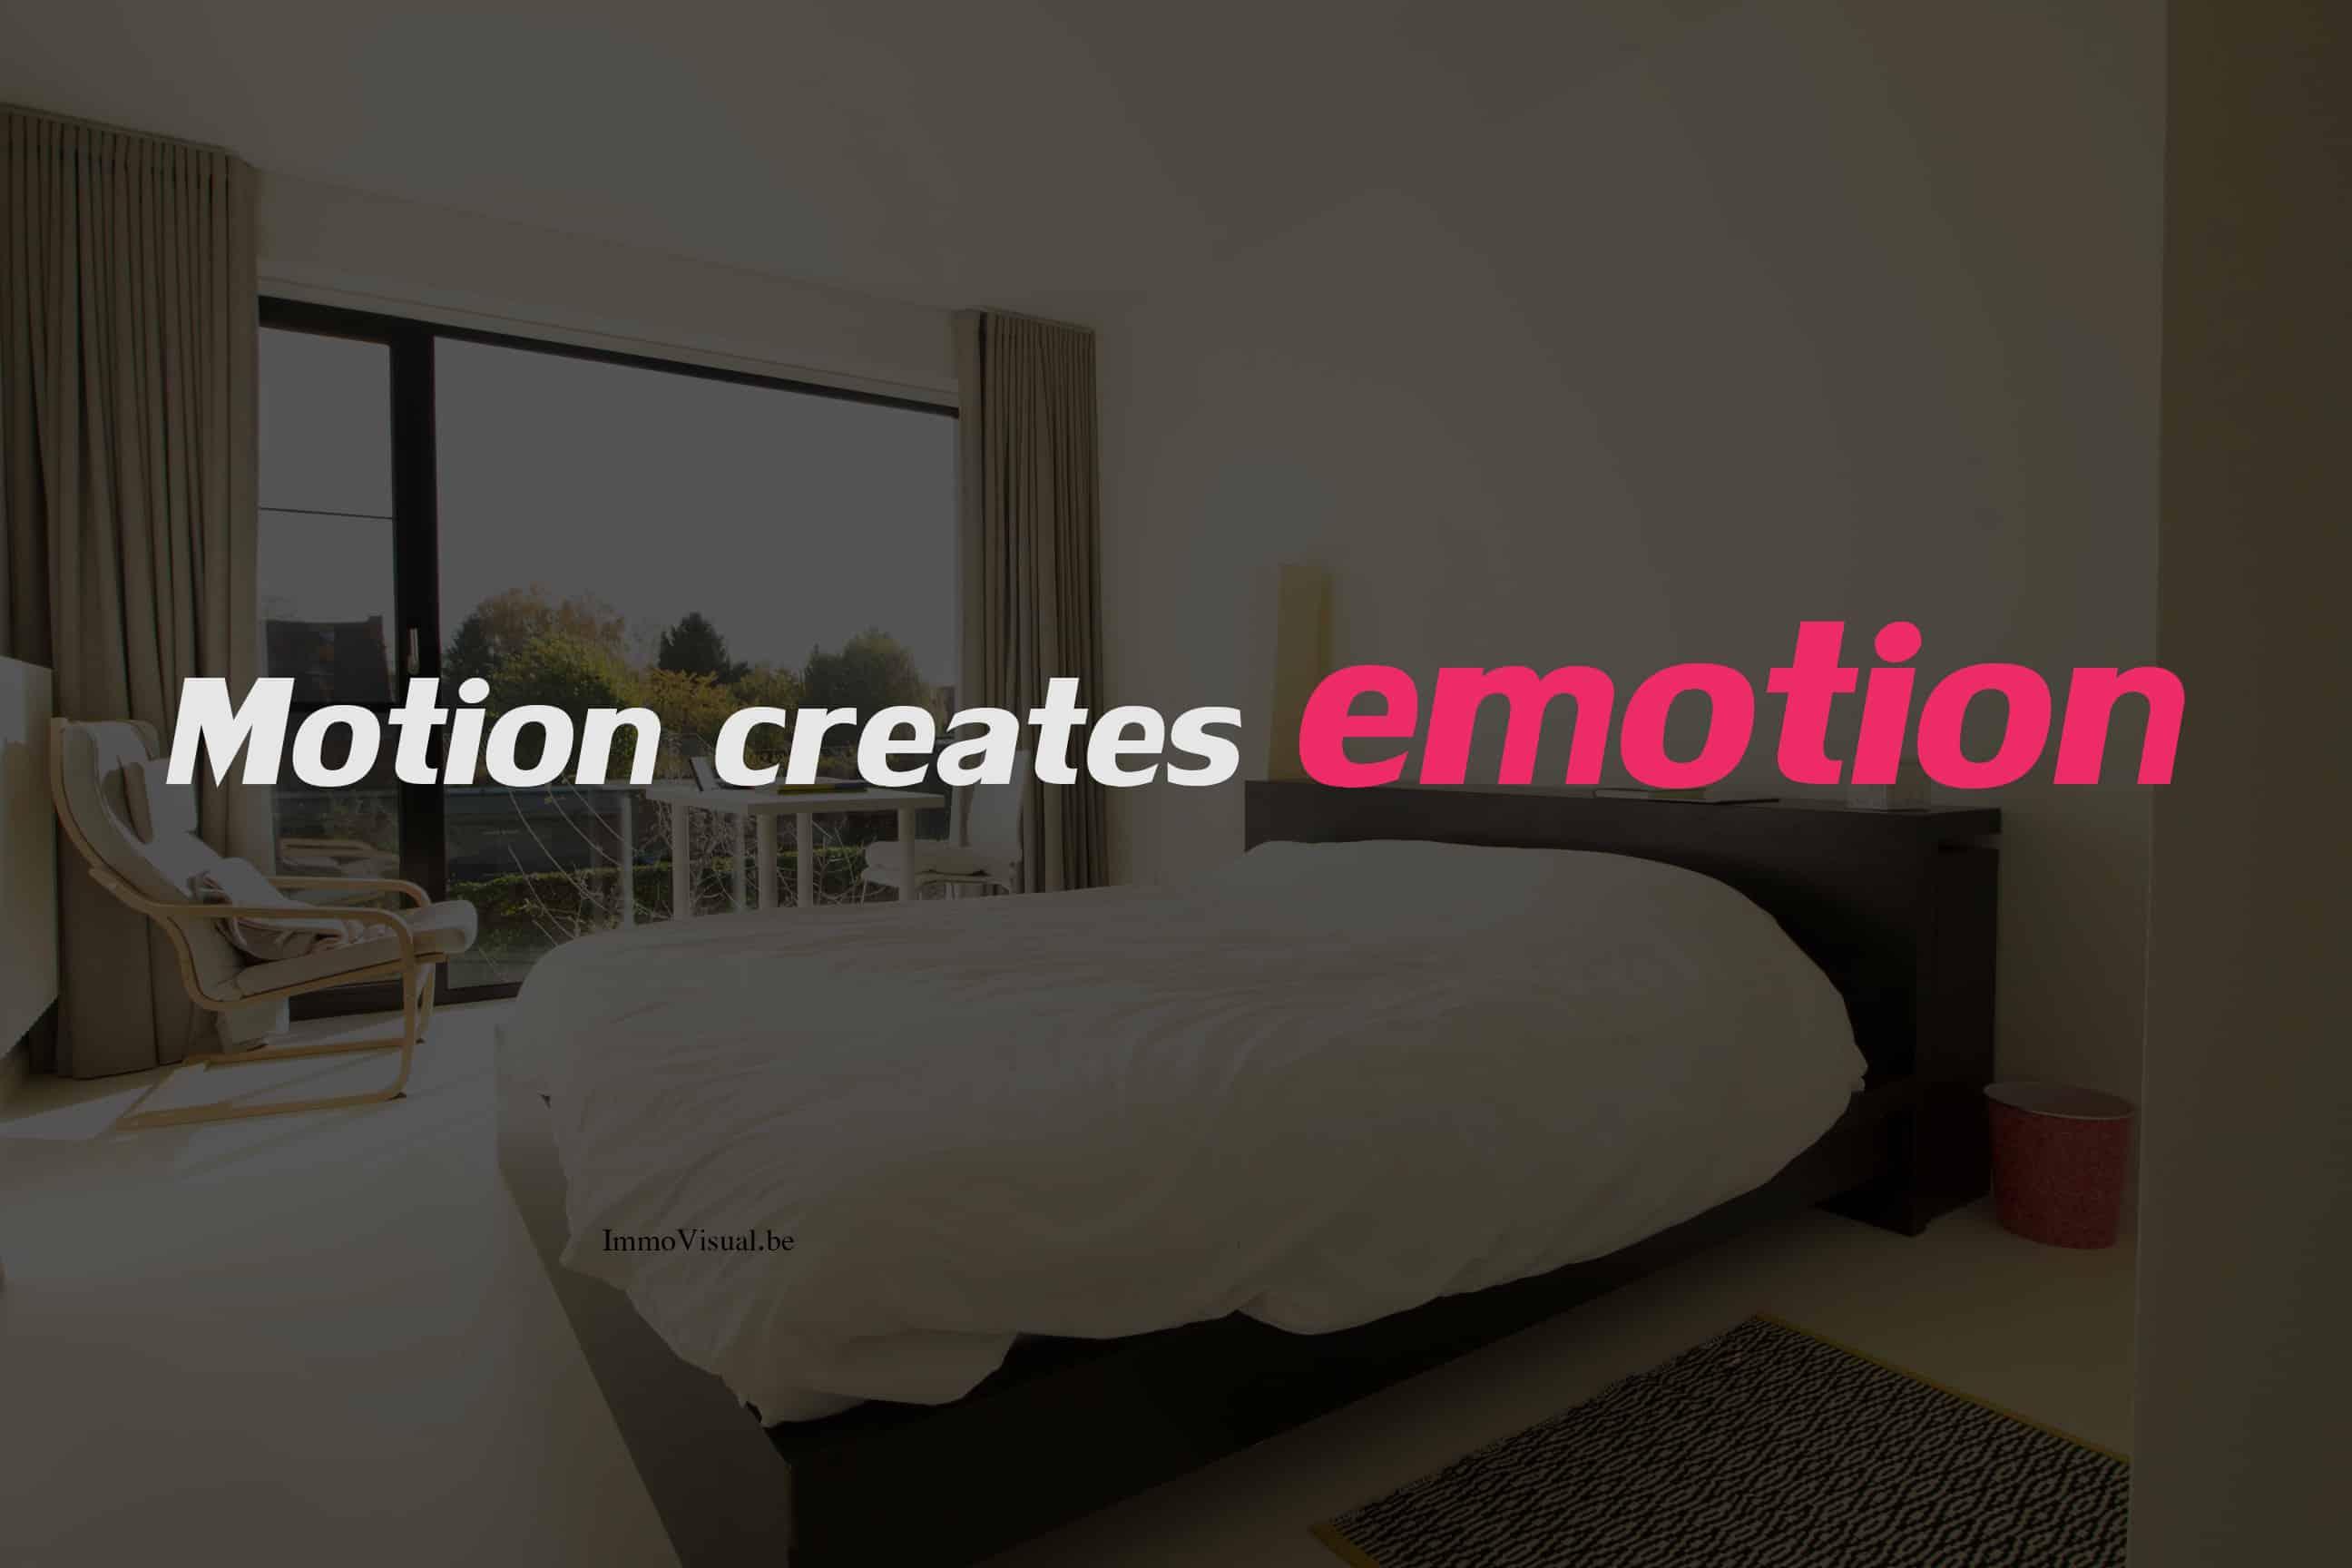 motion creates emotion